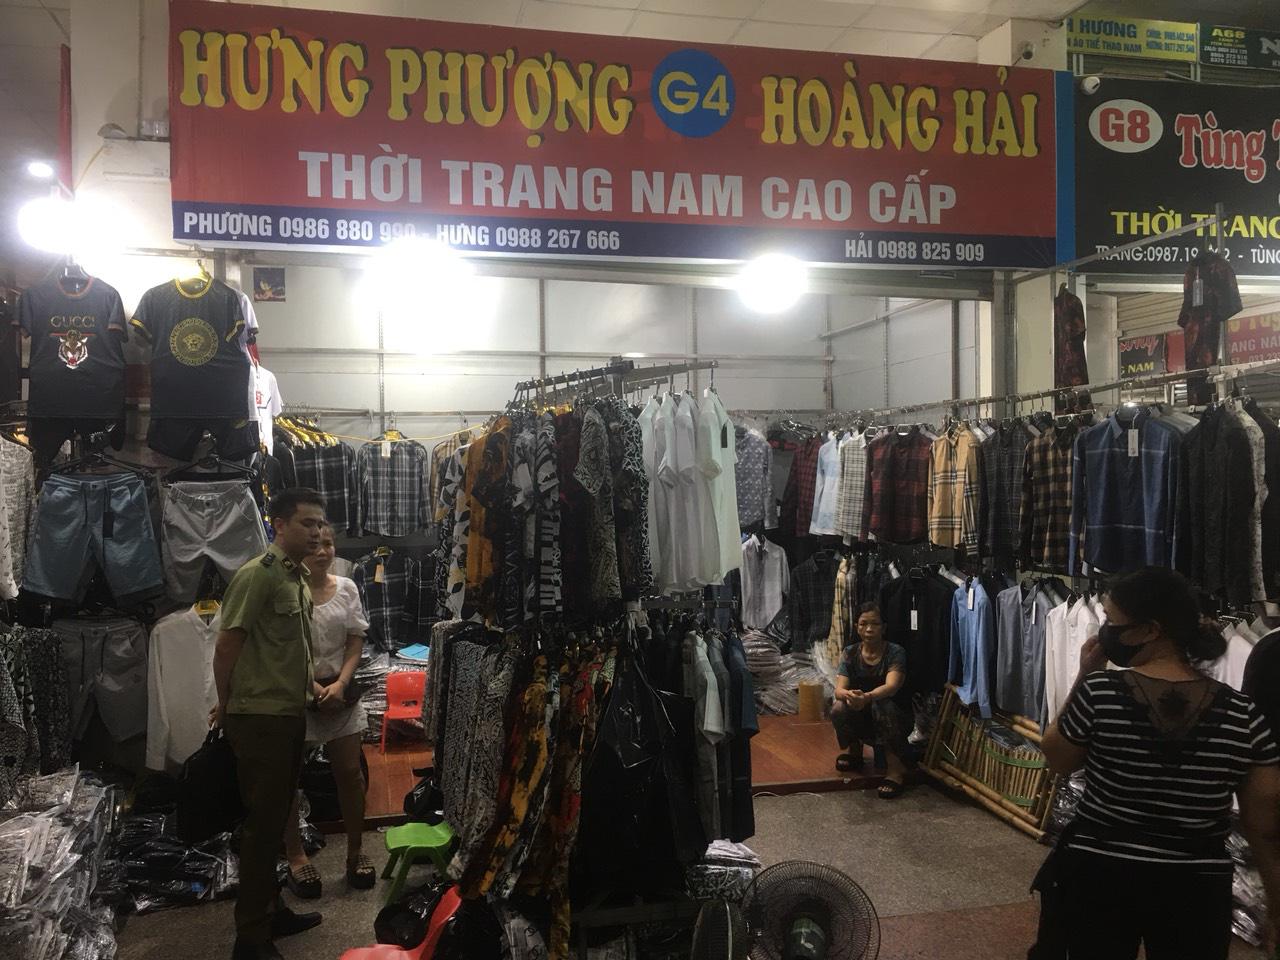 Tấn công khu Ninh Hiệp thu giữ gần 4.700 sản phẩm có dấu hiệu giả, nhái và hàng nhập lậu - Ảnh 4.